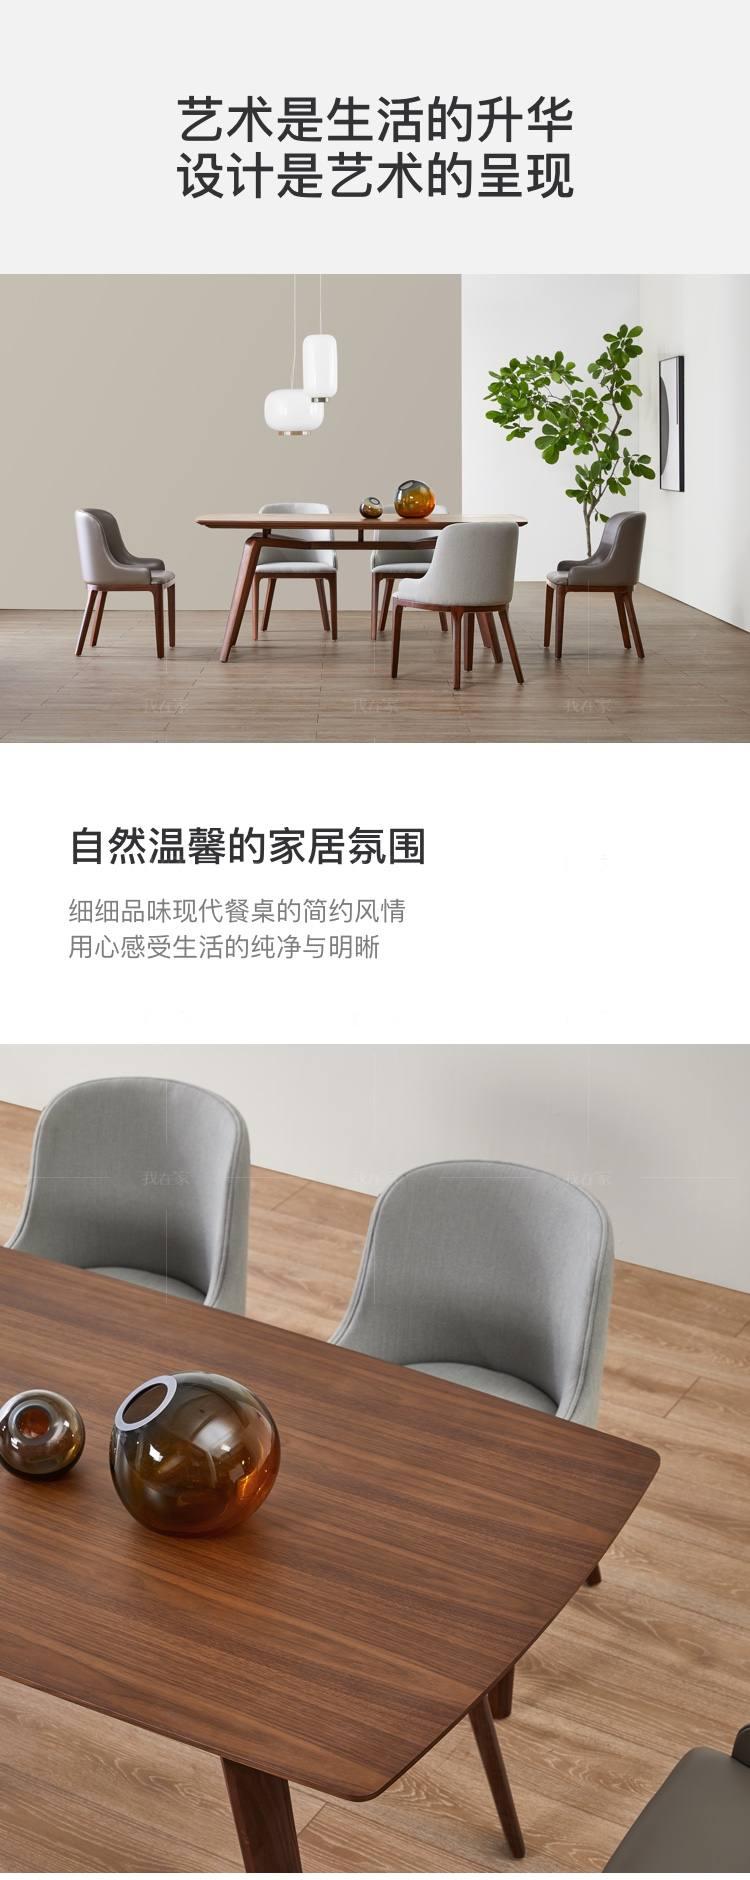 意式极简风格流苏餐桌的家具详细介绍